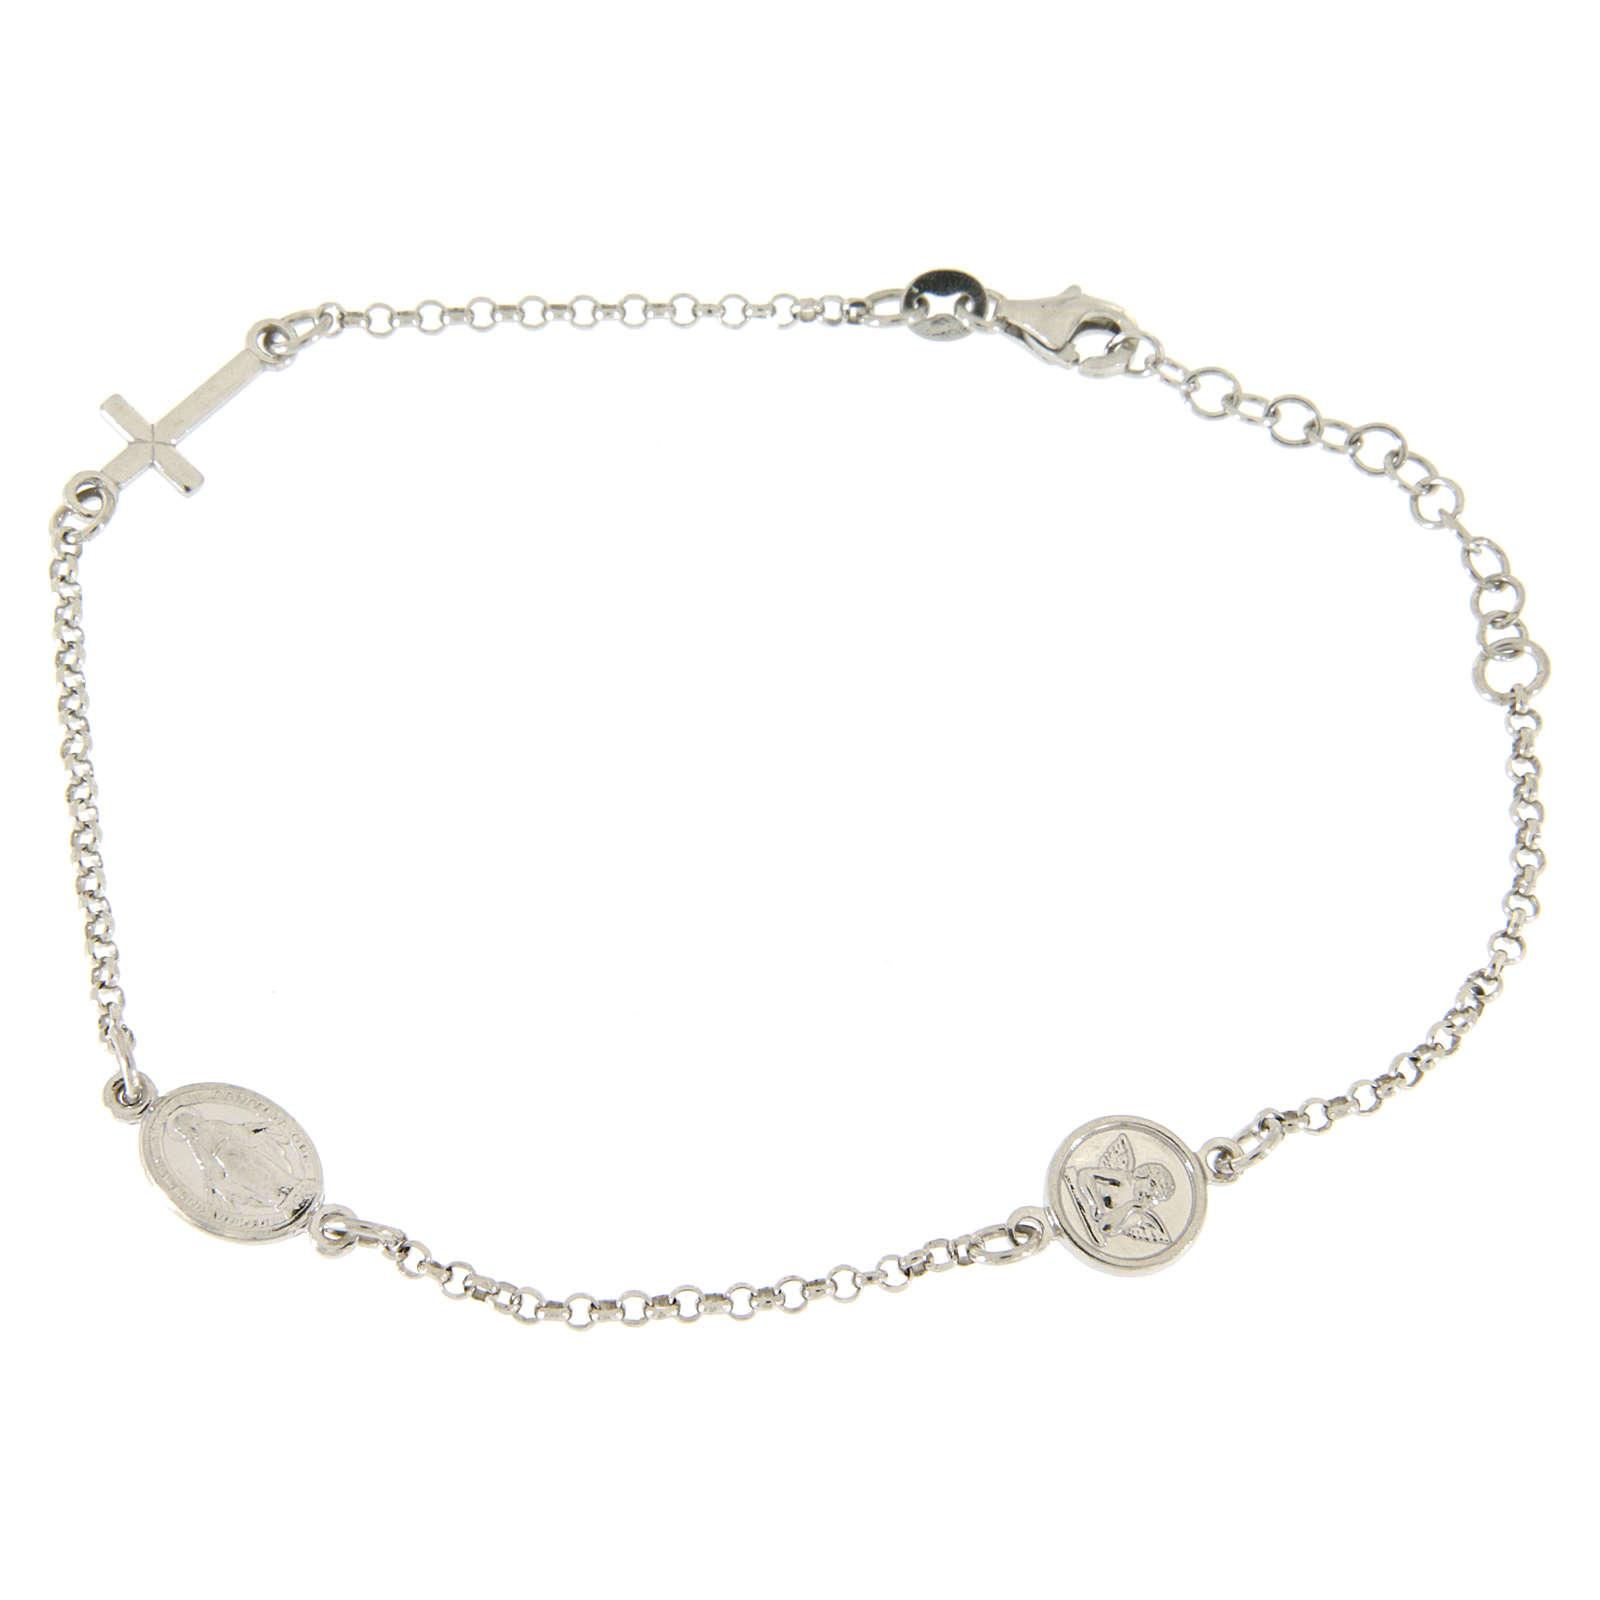 Bracciale con charm in linea: medagliette e croce argento 925 4